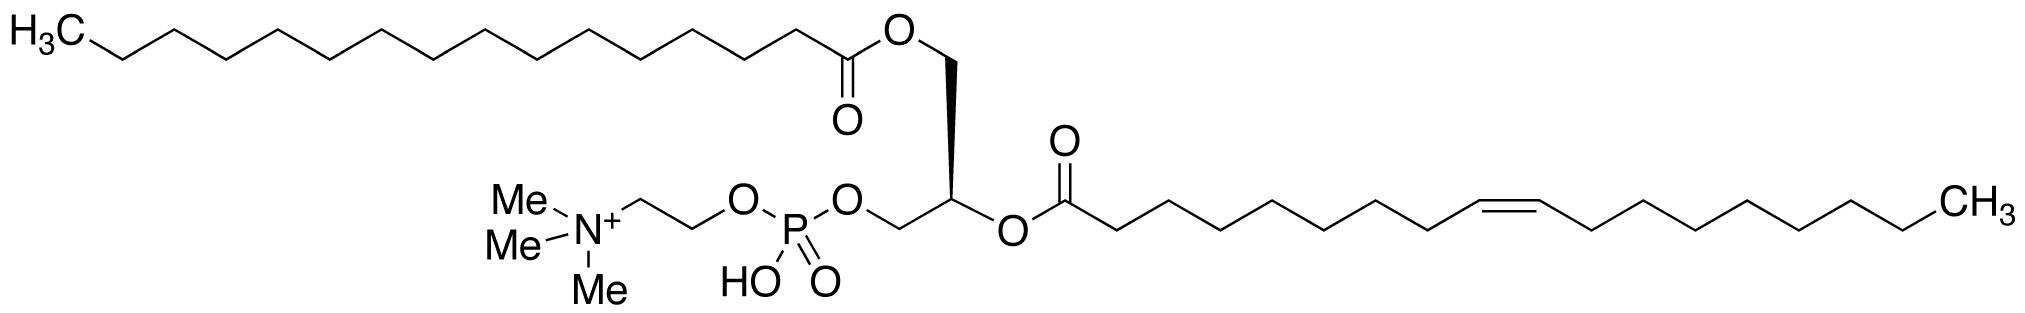 1-Palmitoyl-2-oleoyl-sn-glycerol-3-phosphocholine